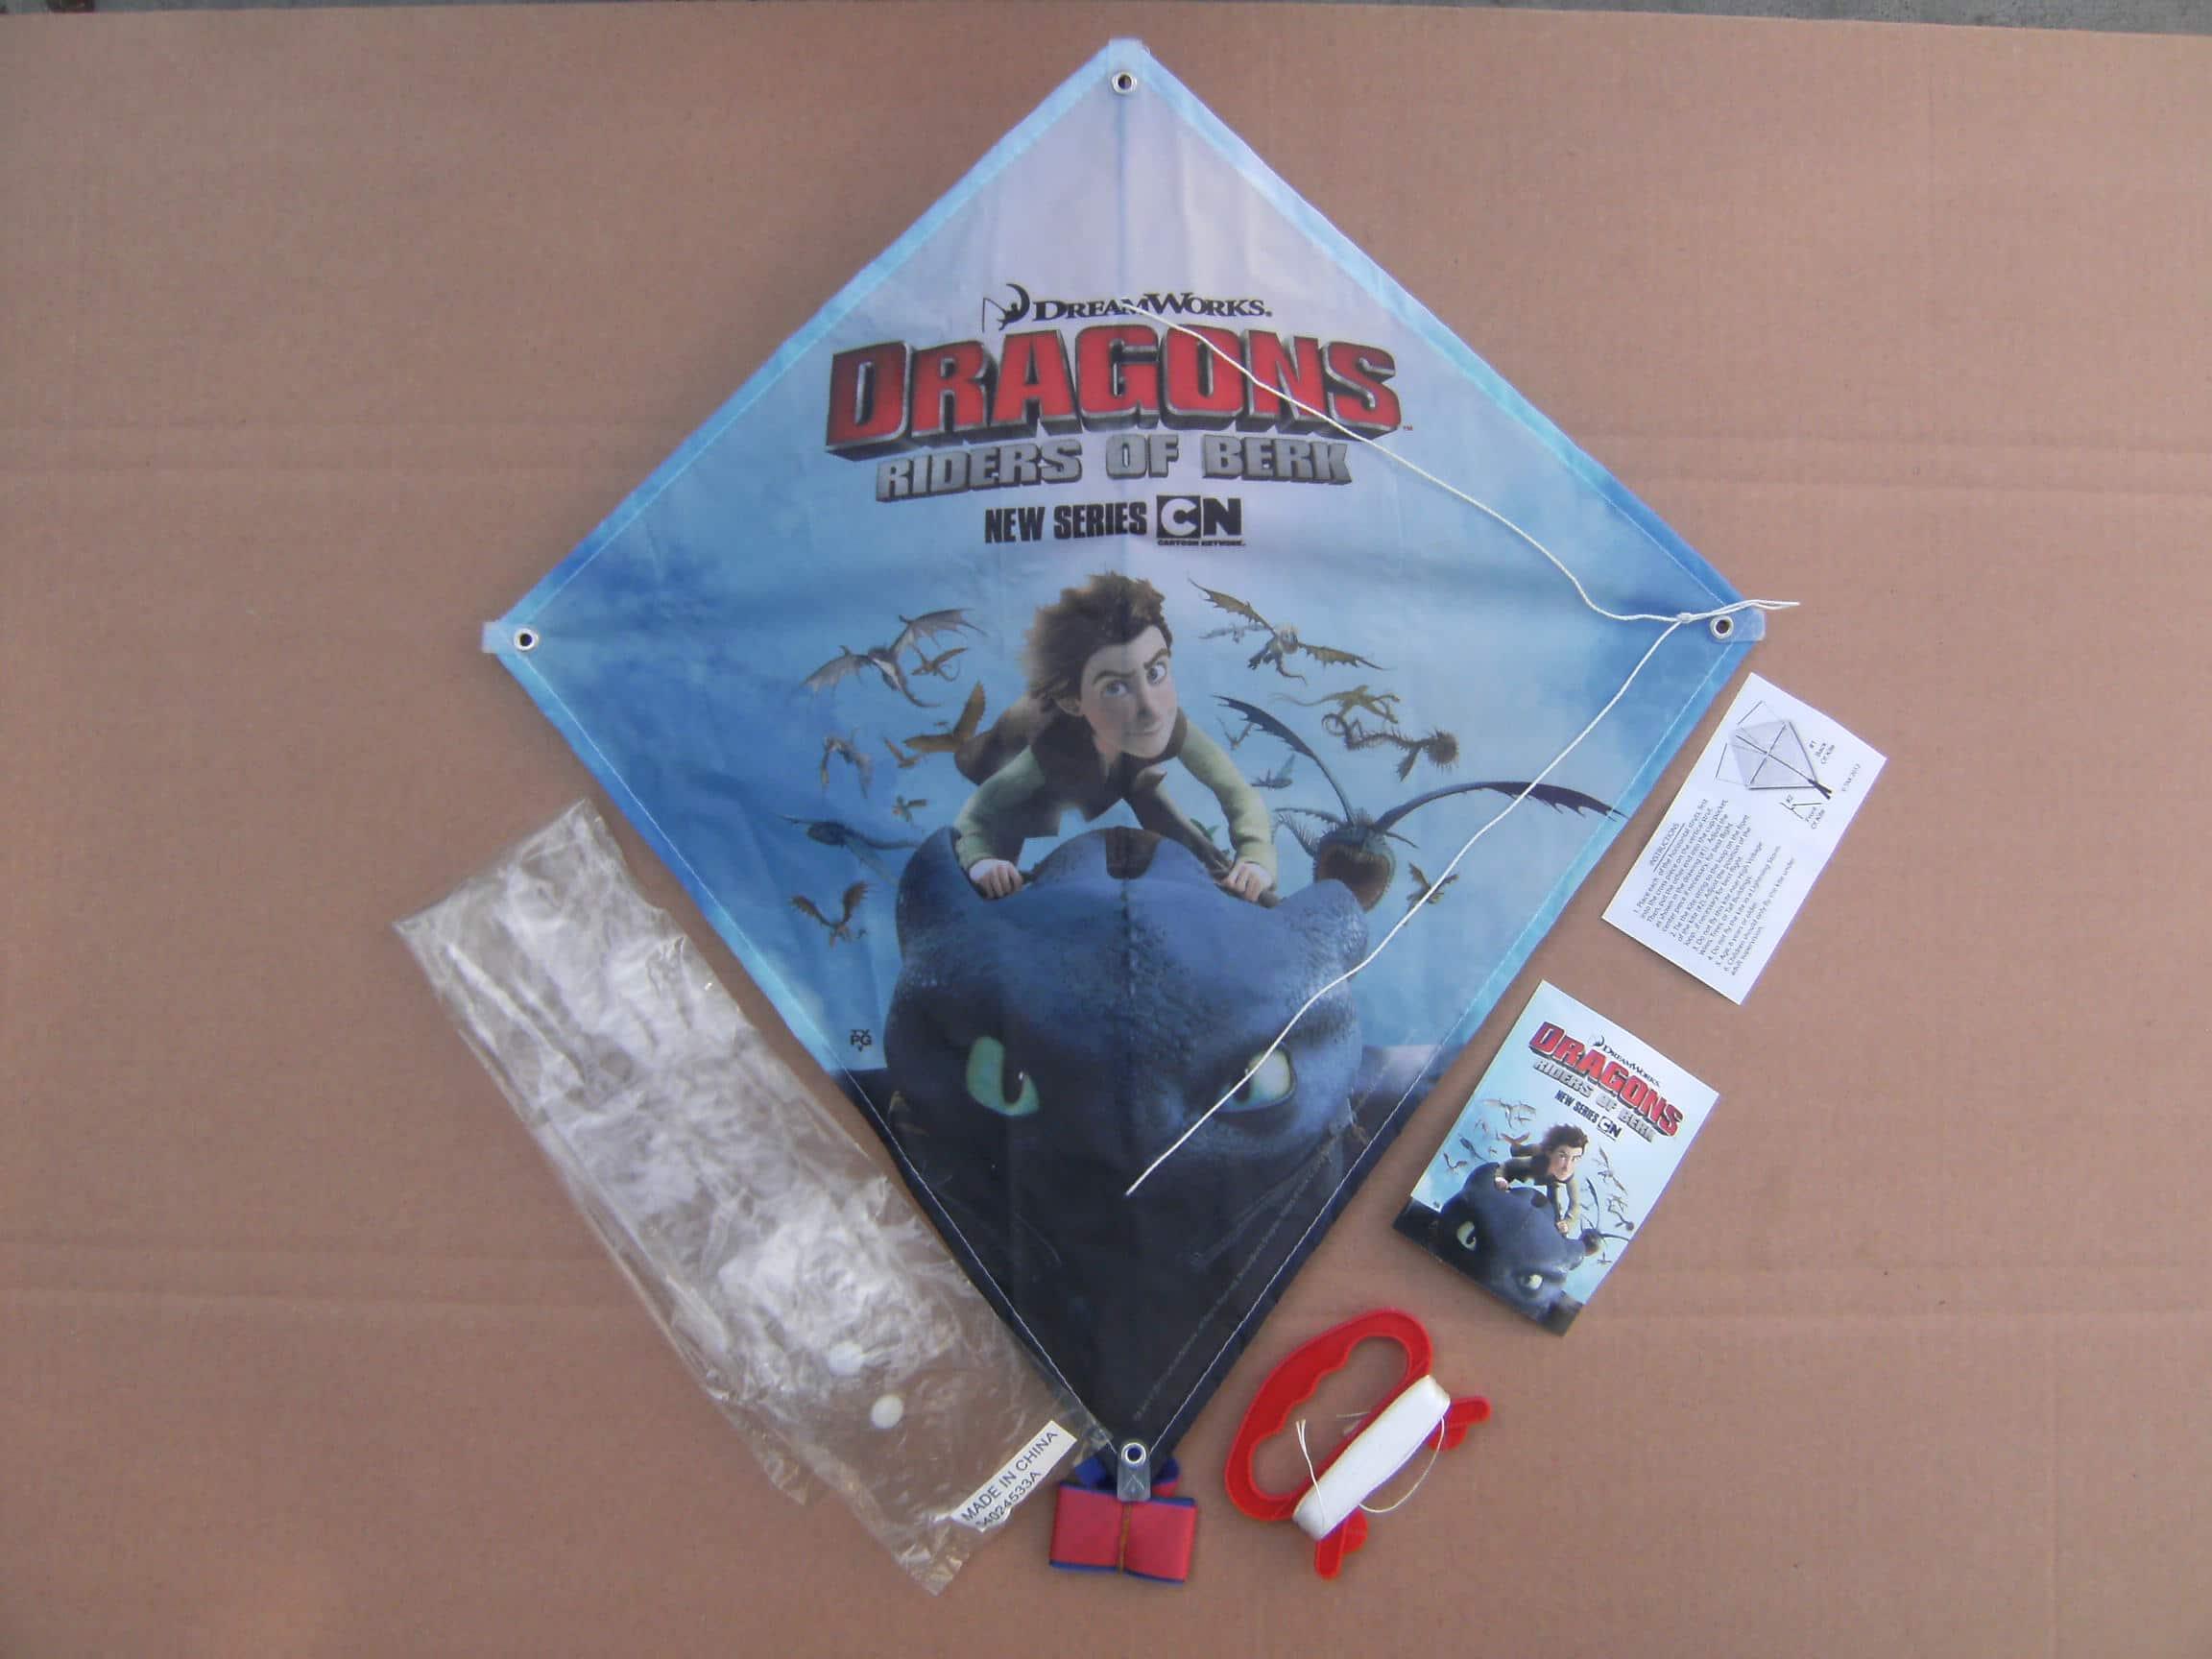 Voorbeeld Vliegers laten bedrukken Dragons -Promo Bears-